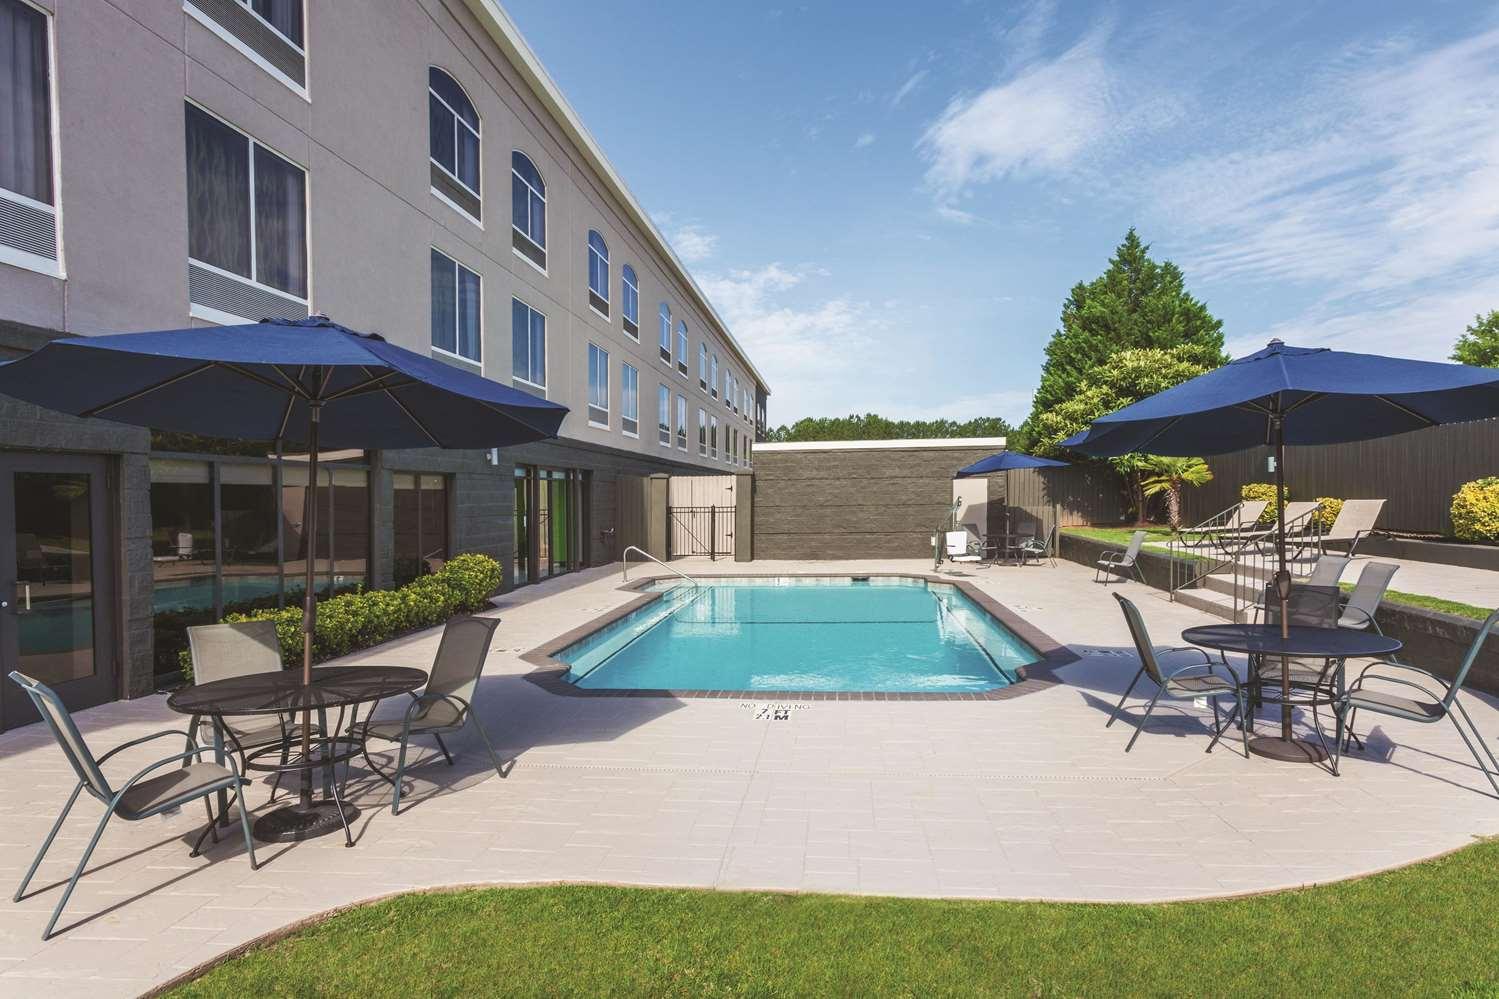 Pool - La Quinta Inn & Suites Columbus